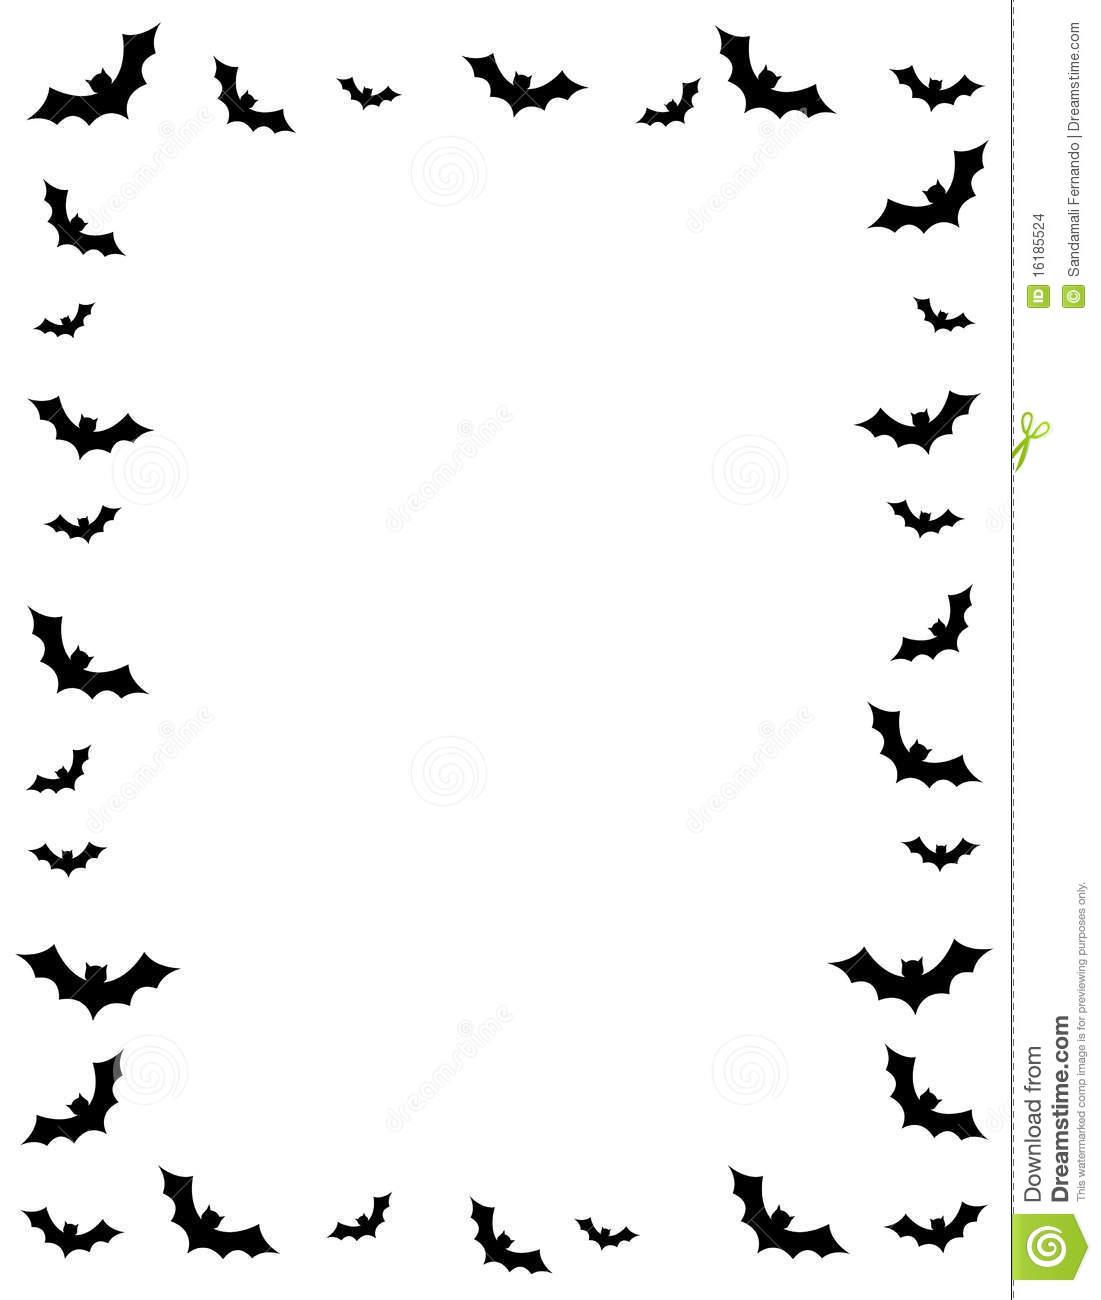 1101x1300 Happy Halloween Clipart Image Quot Happy Halloween Quot Text